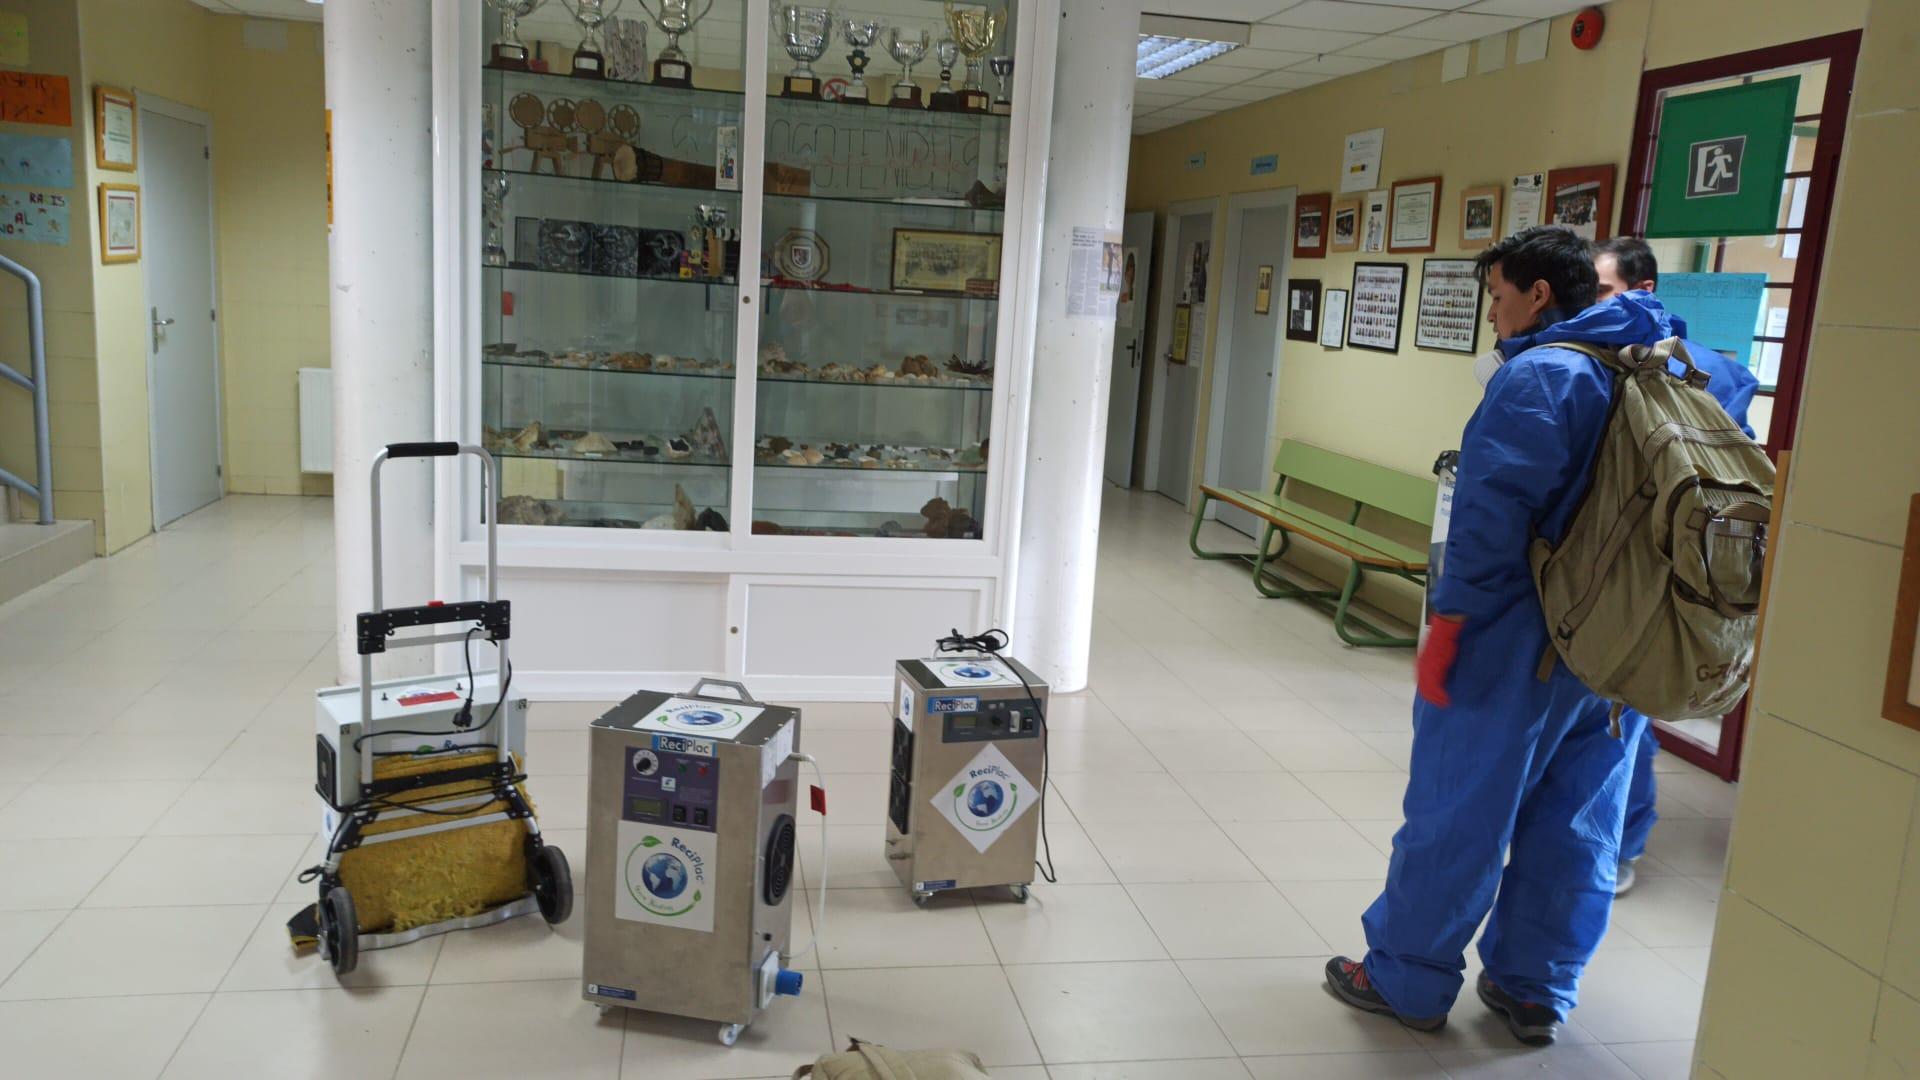 Completada la limpieza y desinfección por ozono  de todas las dependencias municipales  y centros educativos de Valdemorillo